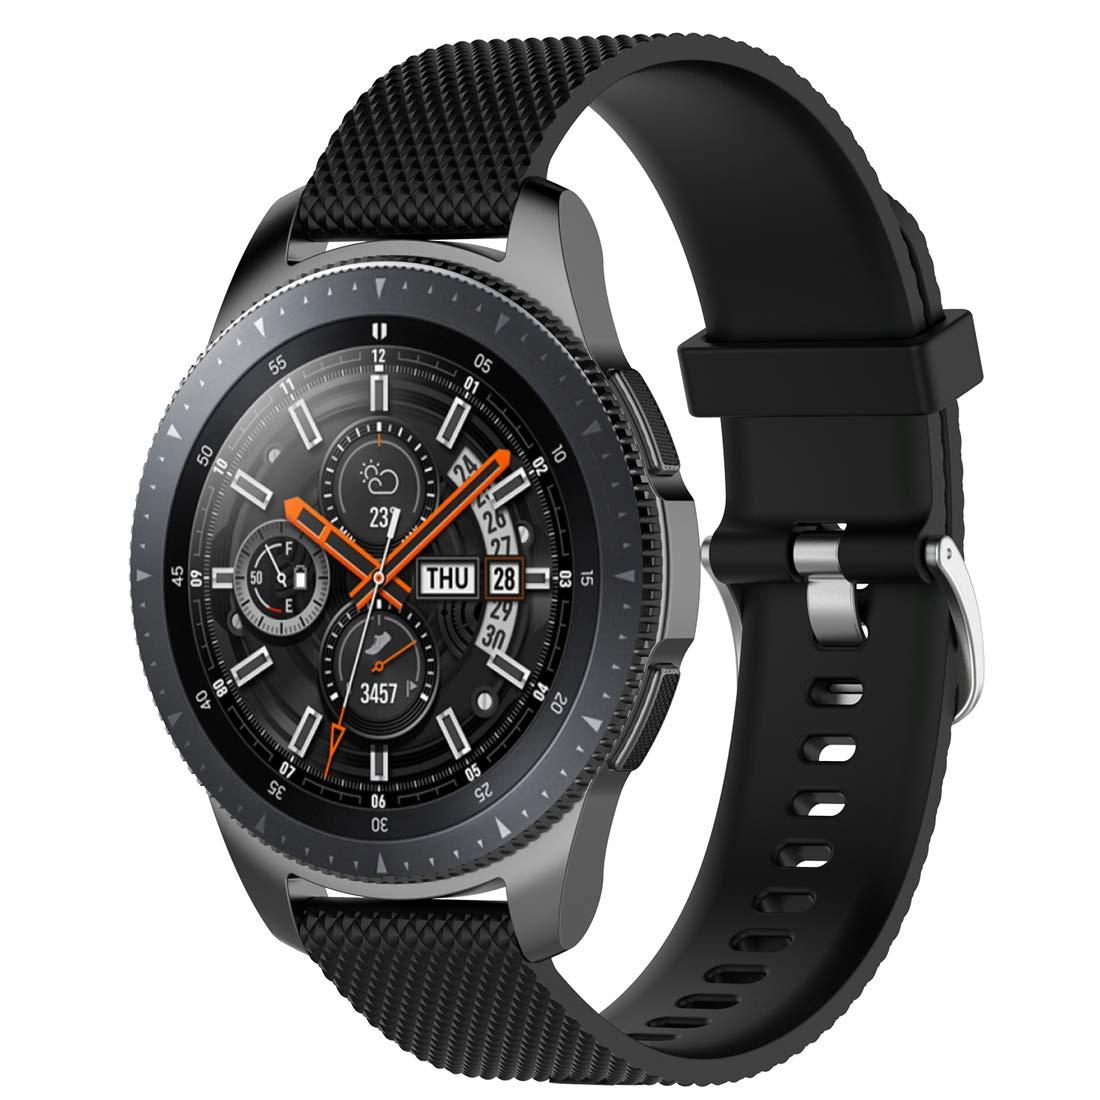 LOKEKE - Correa de Repuesto para Samsung Galaxy Watch de 22 mm, Correa de Silicona de Repuesto para Samsung Galaxy Watch (46 mm), Samsung Gear S3 ...